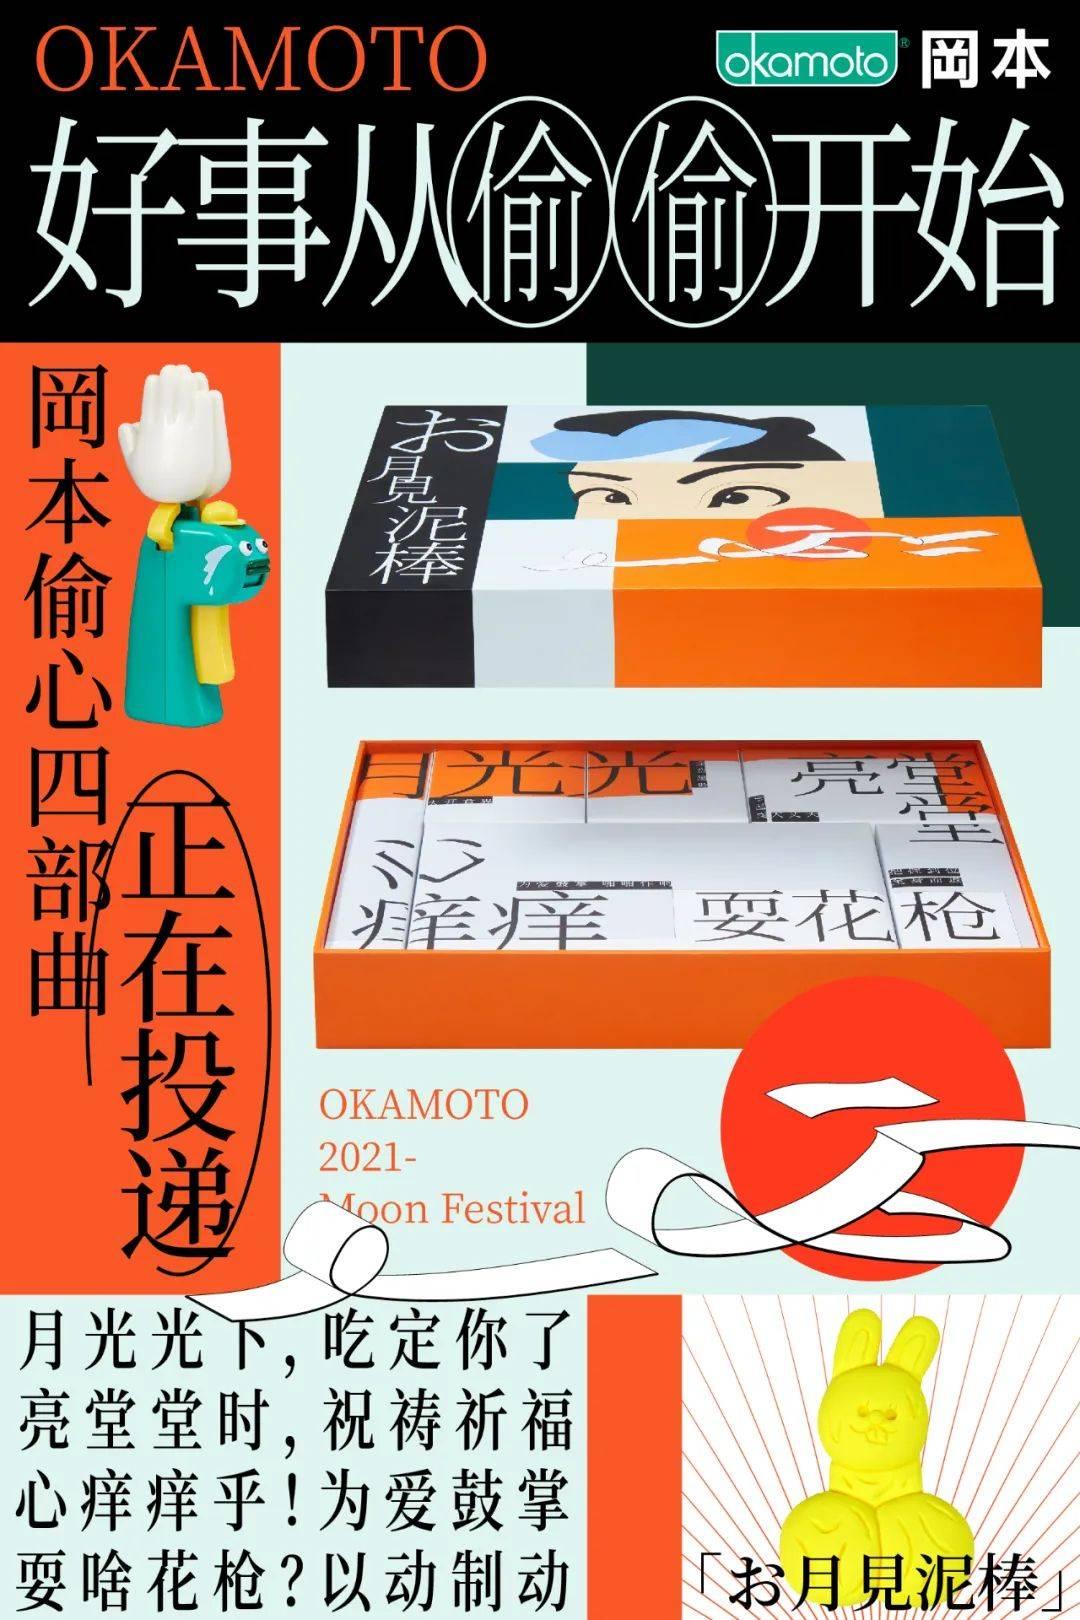 鸟哥笔记,广告创意,创意广告,美食,广告创意,美食,设计,包装设计,节日